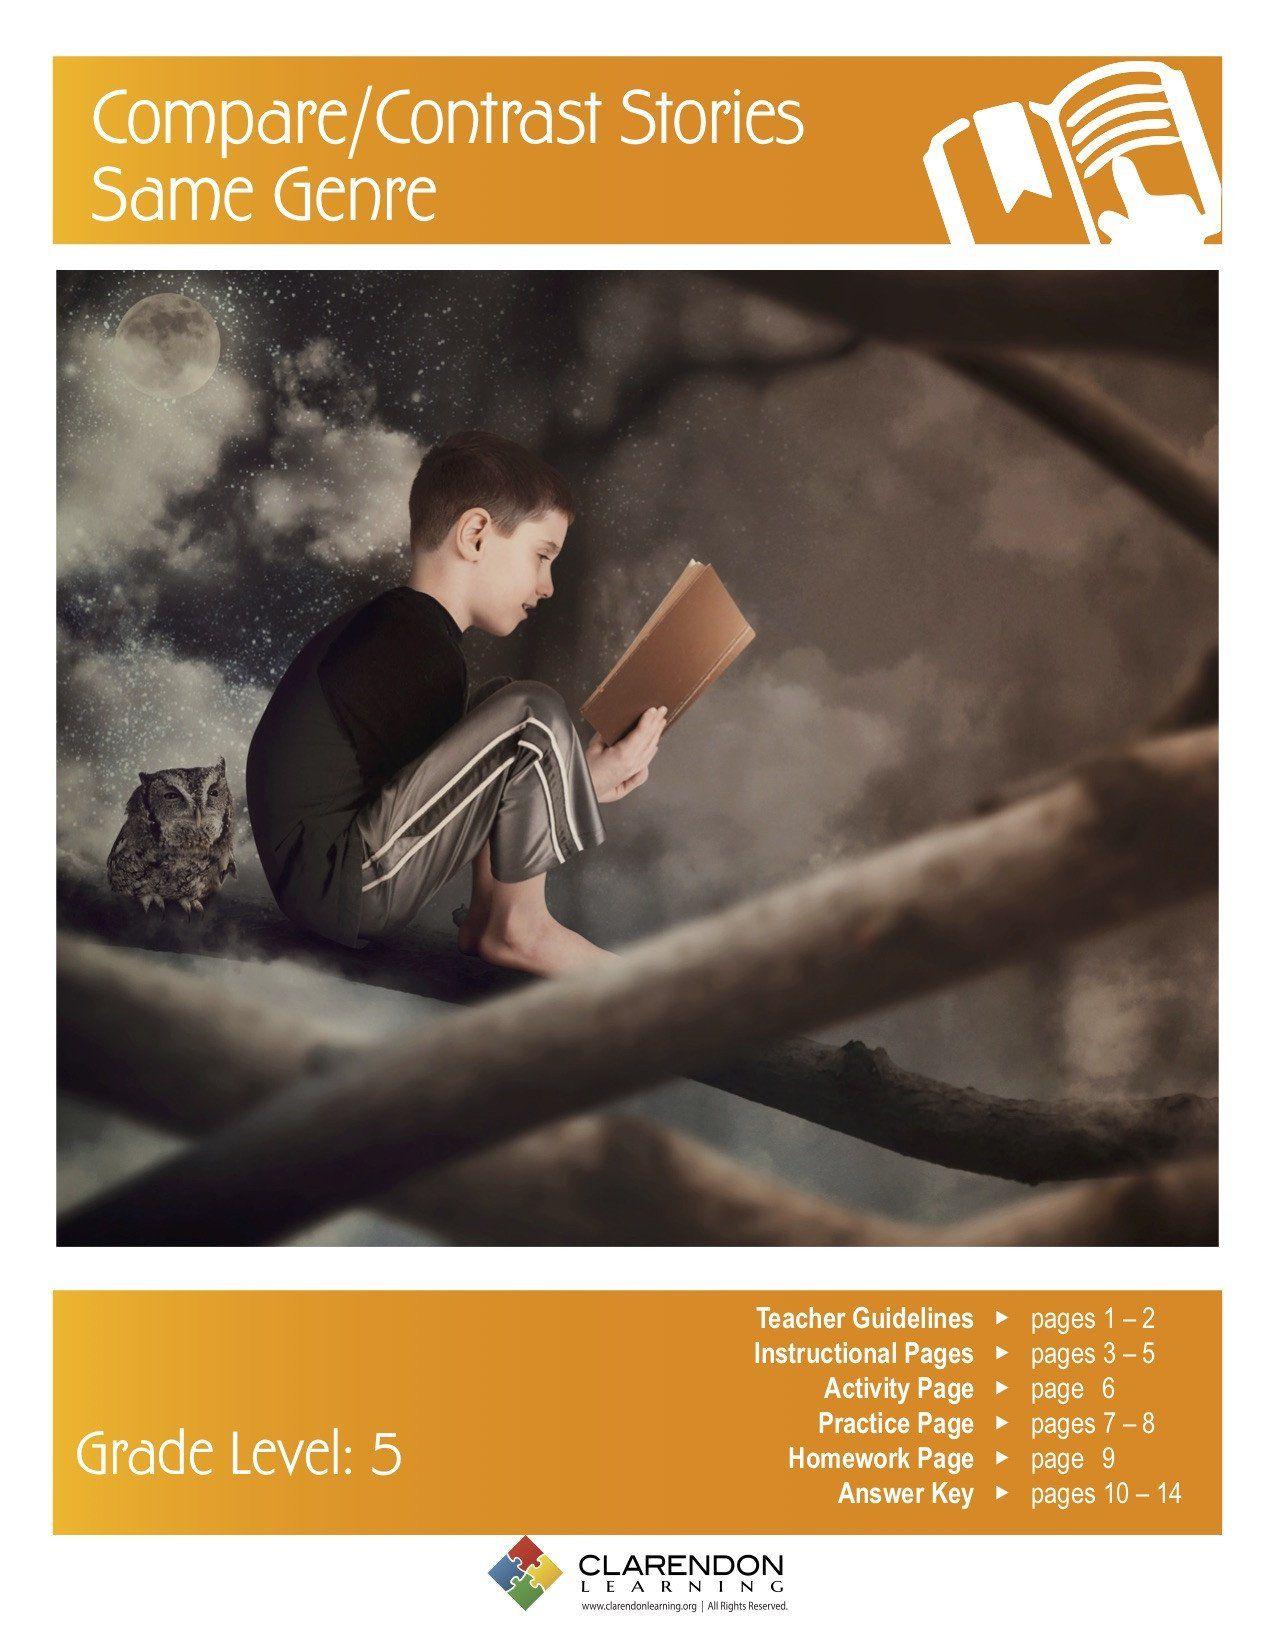 Genre Worksheet 3rd Grade Pare Contrast Stories Same Genre